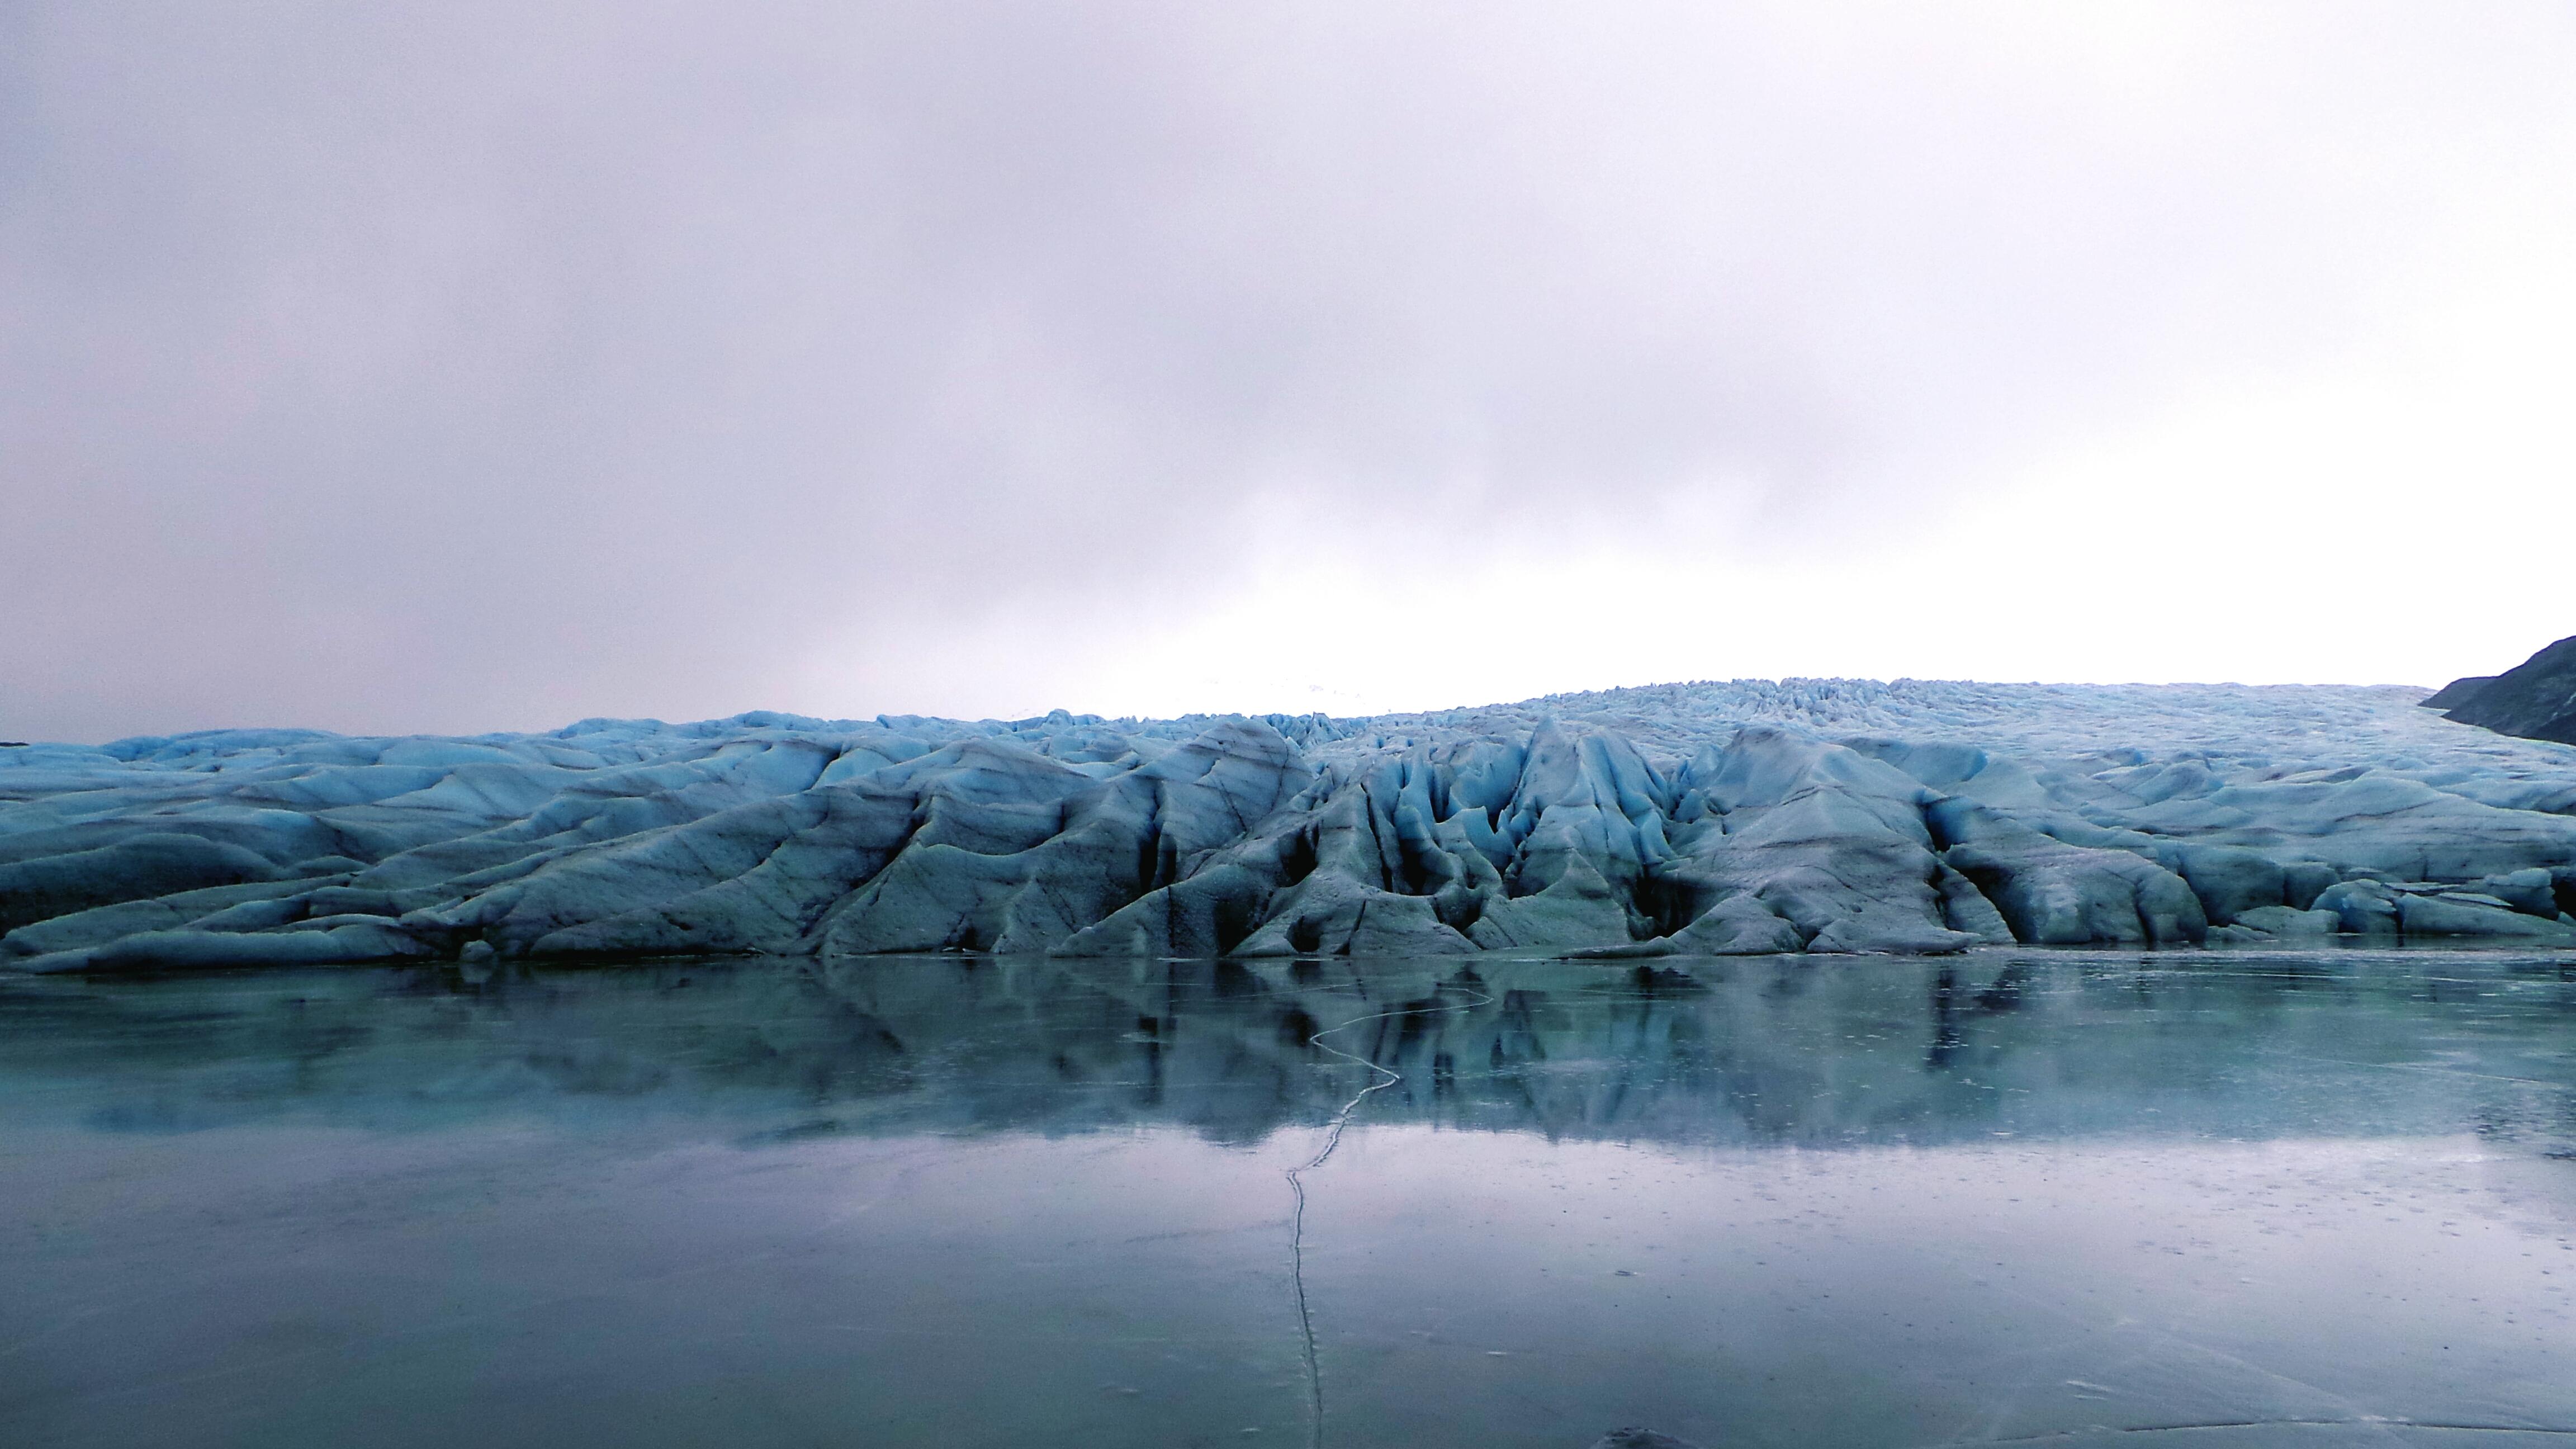 cr-glacier-o